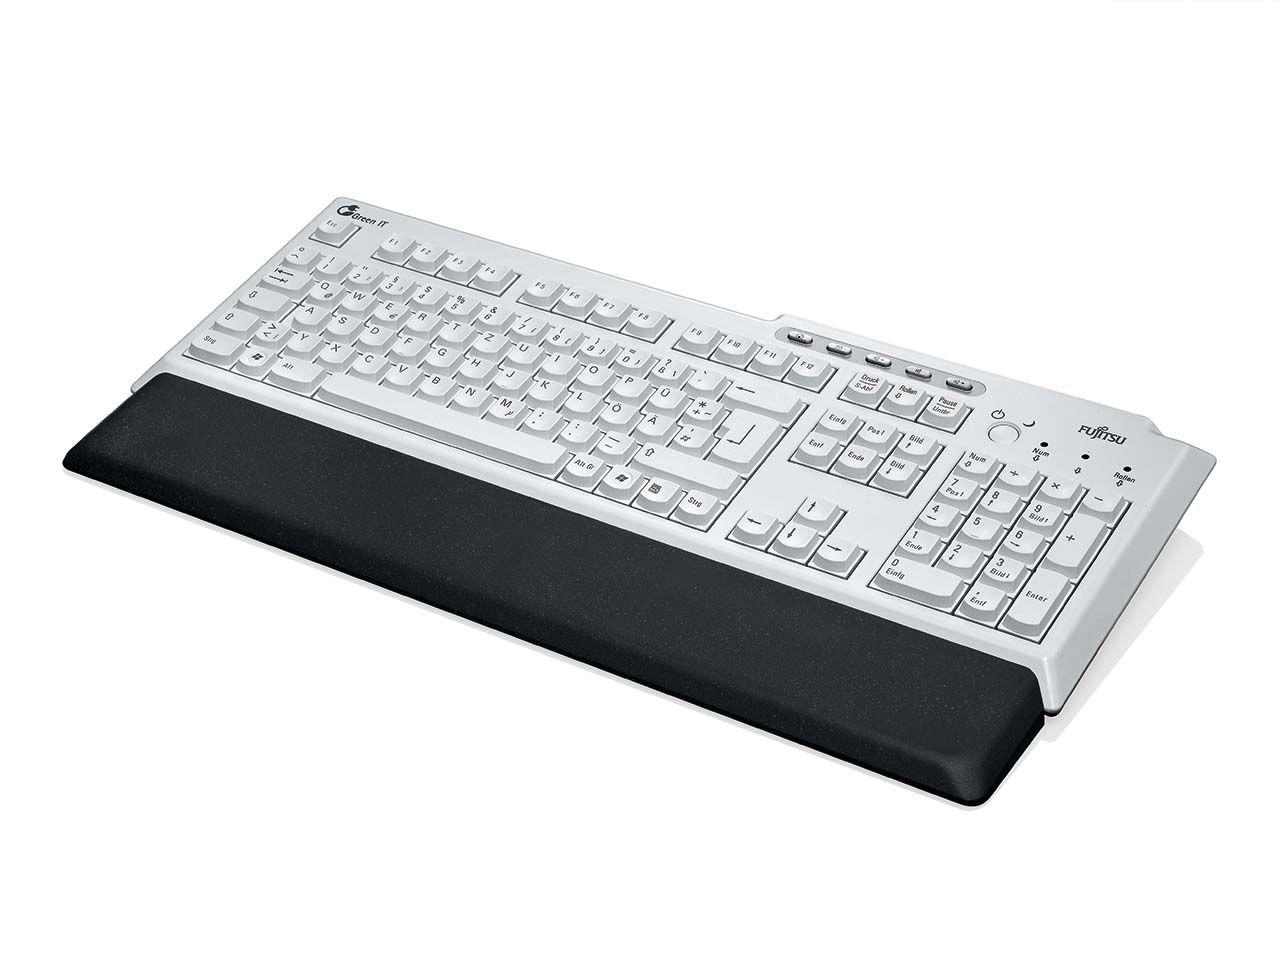 Fujitsu Tastatur TS KBPC PX ECO S26381-K341-L120